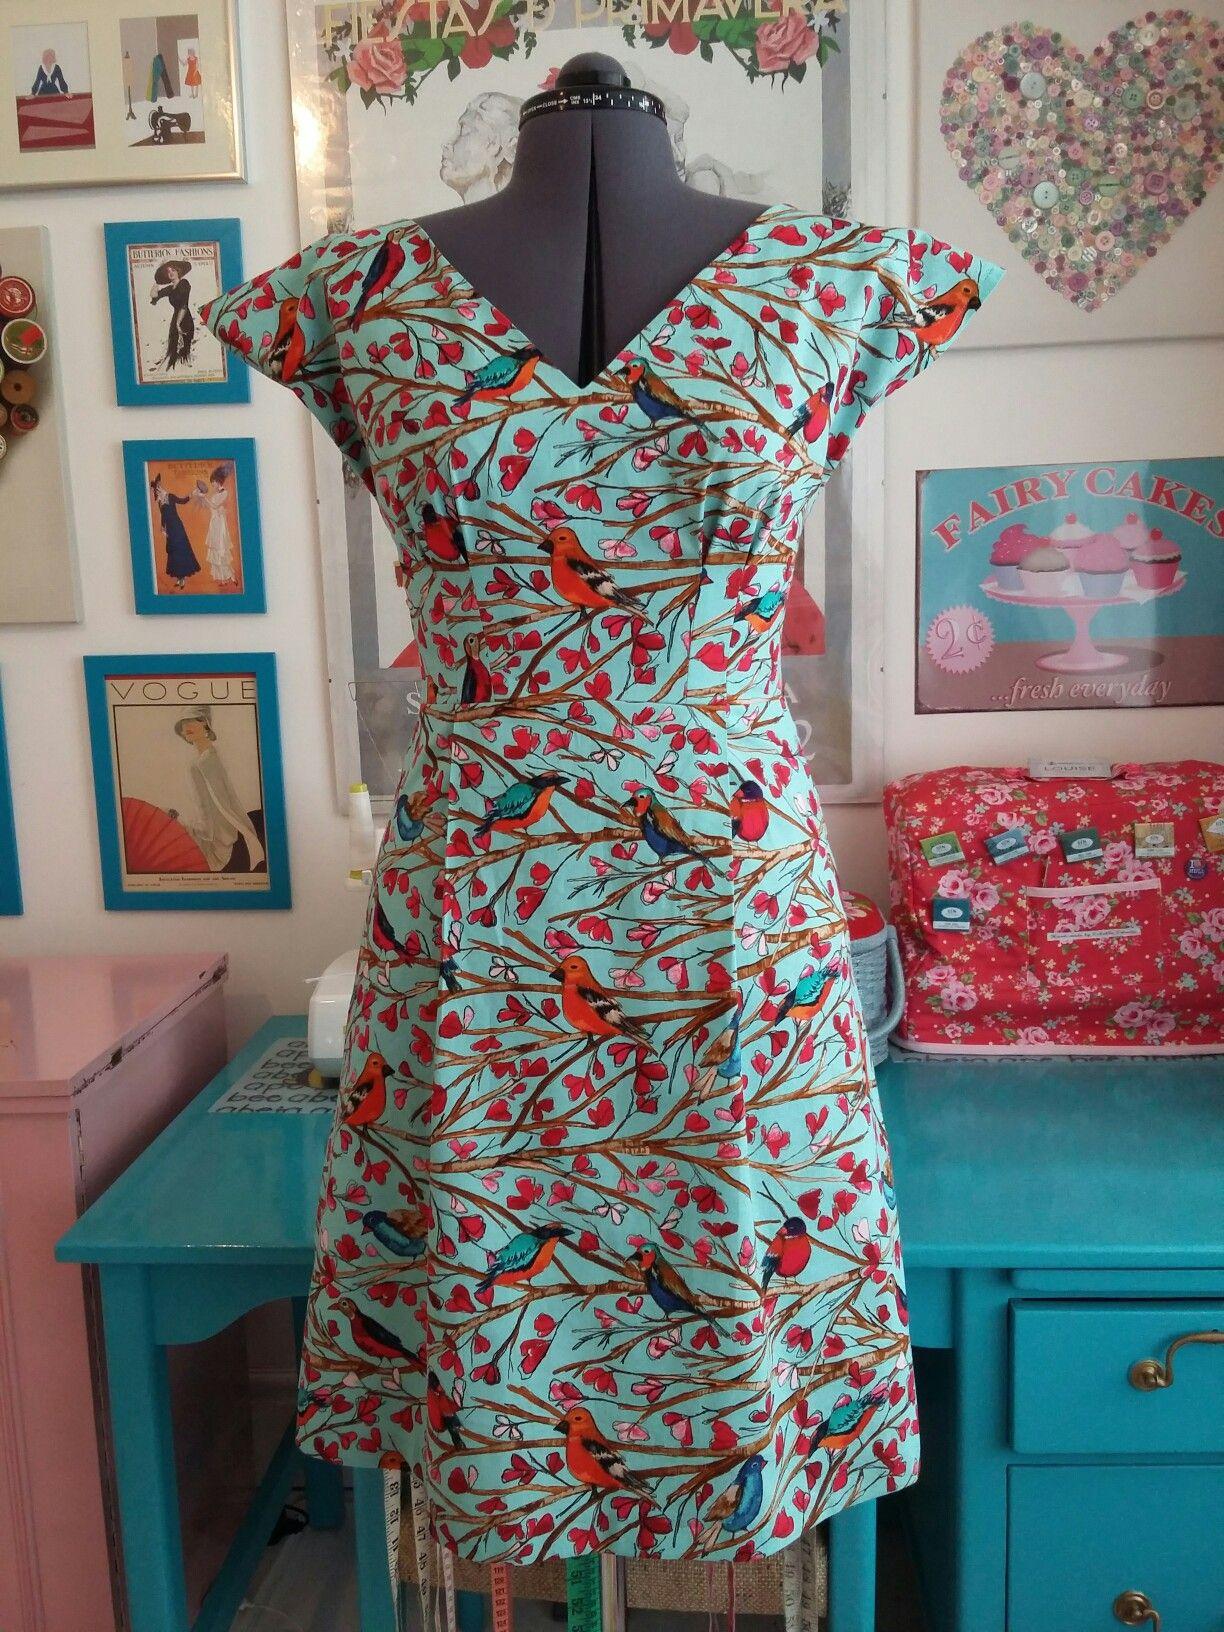 сновидении вам шитье для отделки платьев картинки продаже